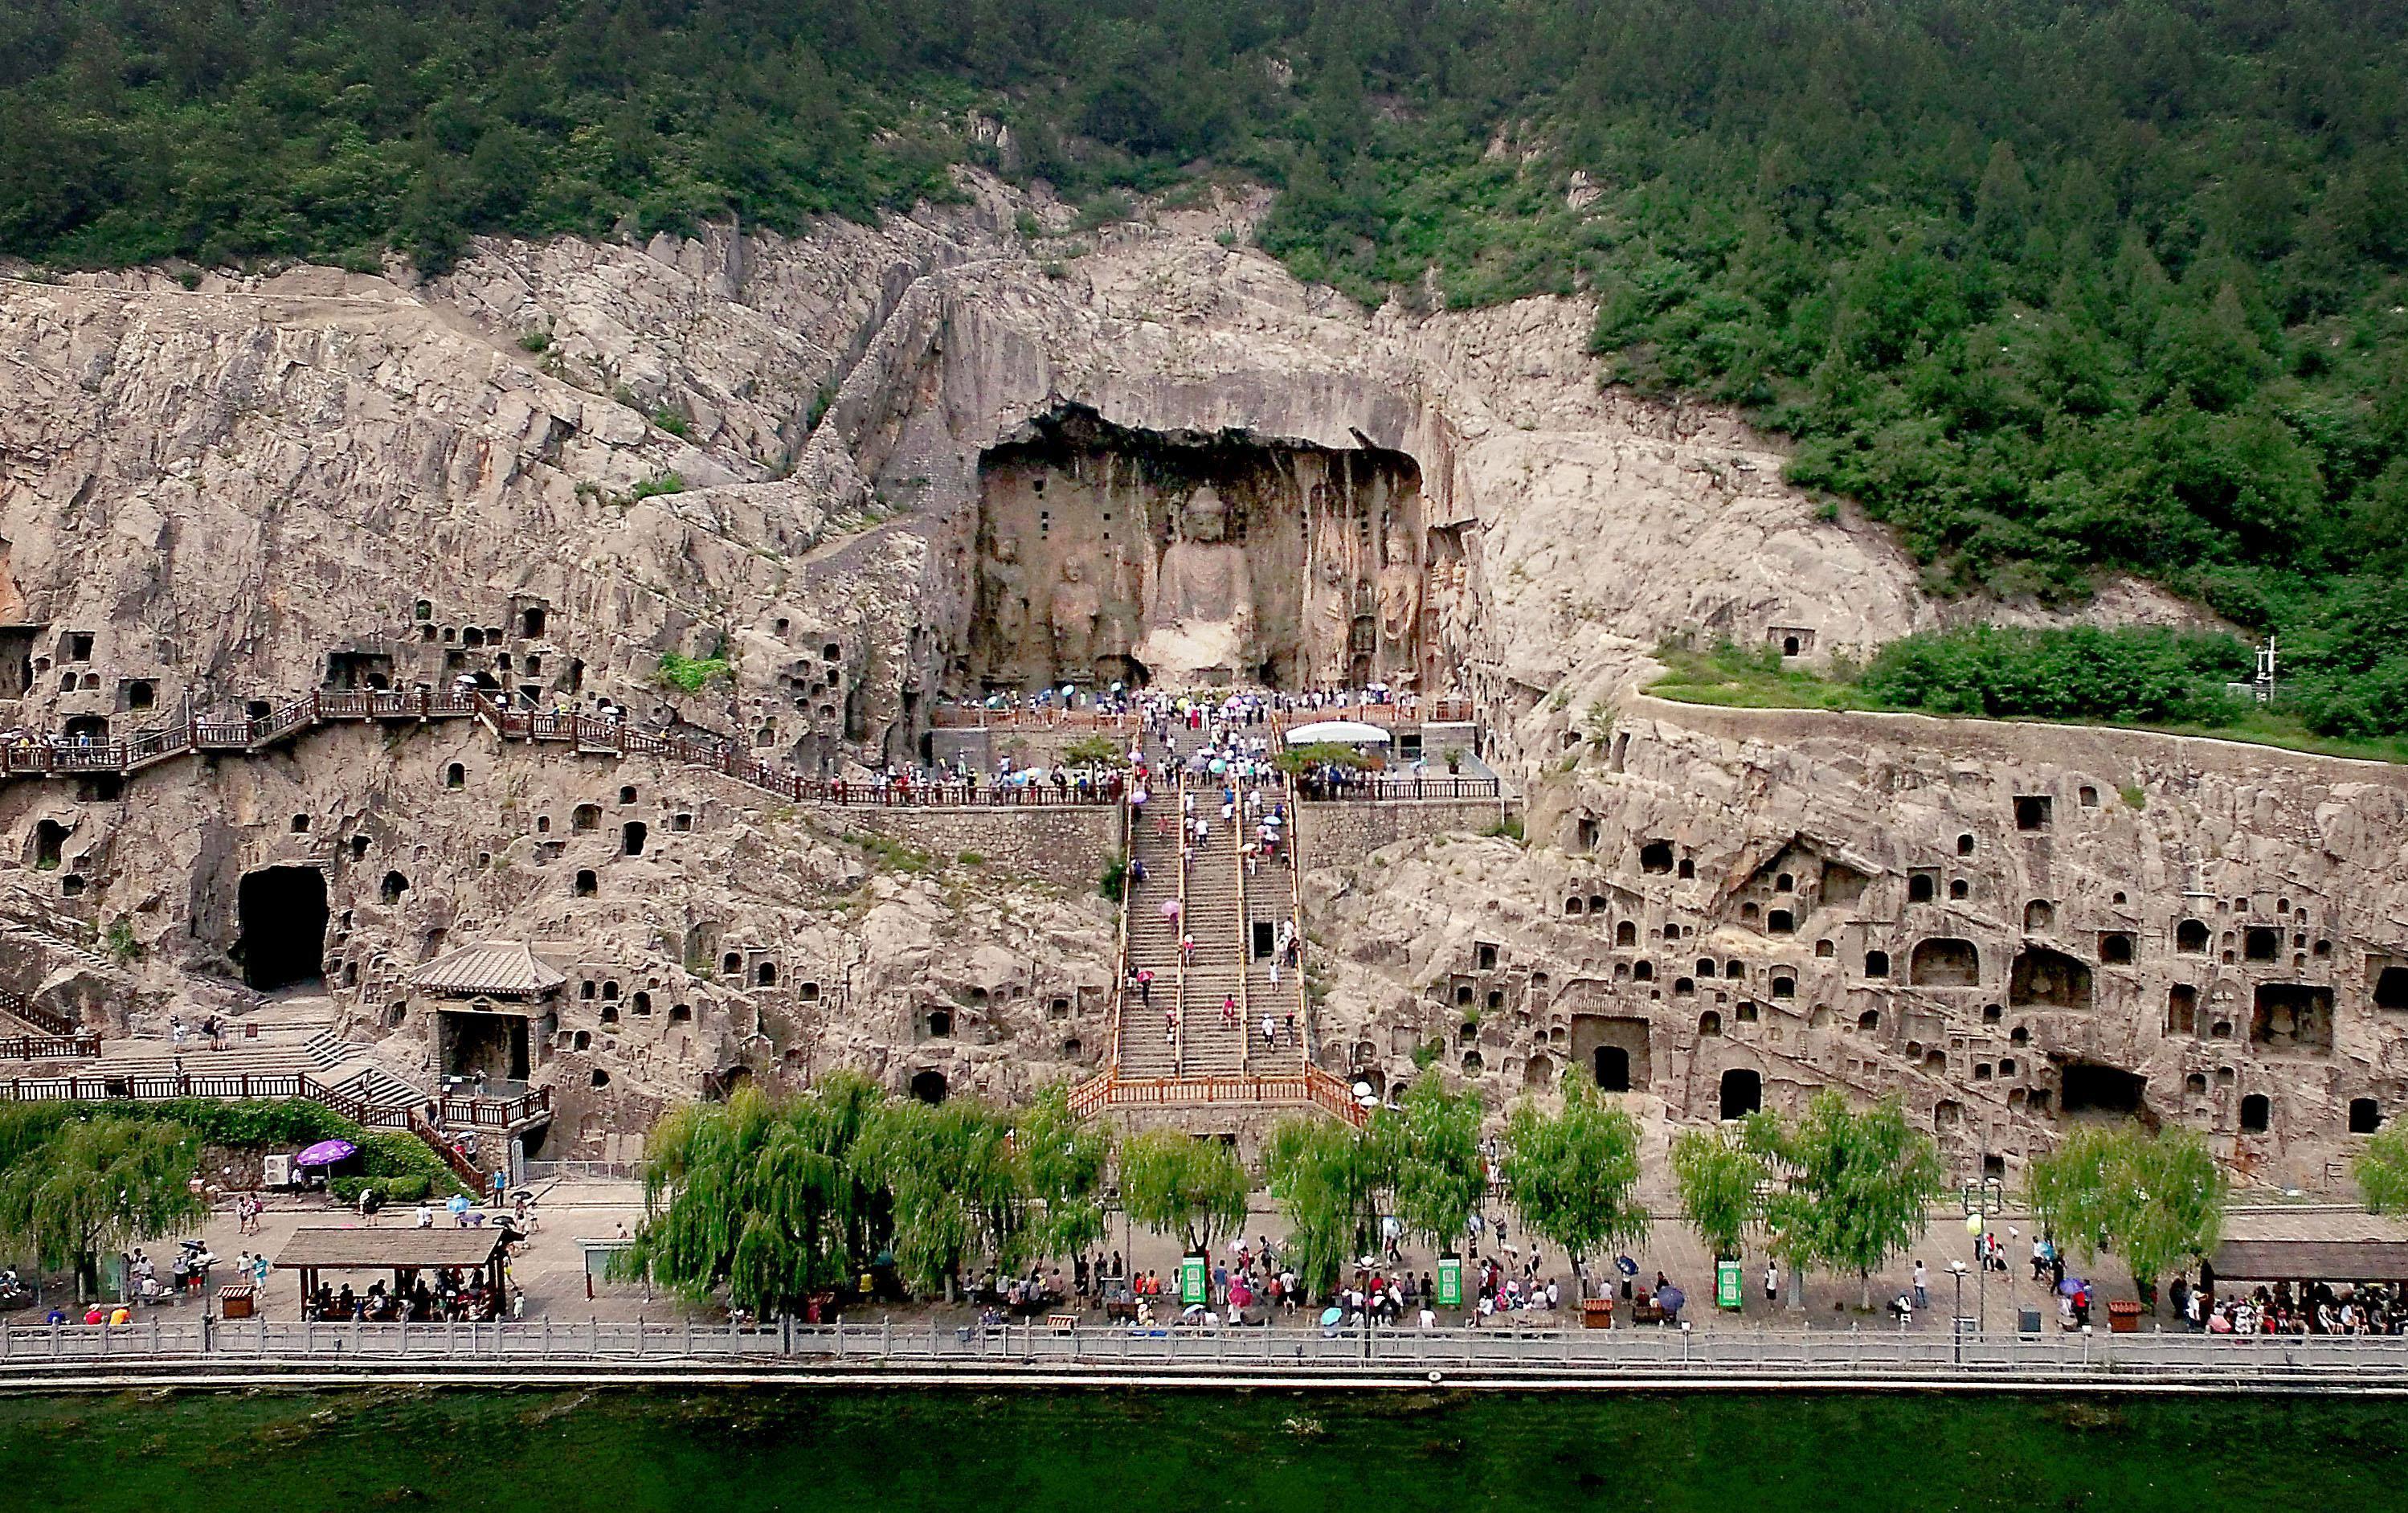 河南最受老外游客欢迎的城市,年旅游收入破1000亿,不是郑州